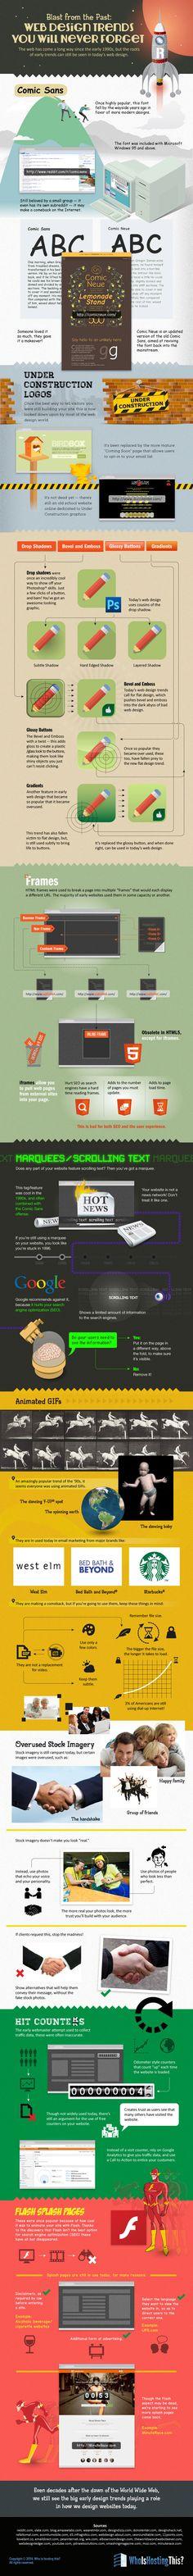 Die größten Webdesign-Trends der Vergangenheit